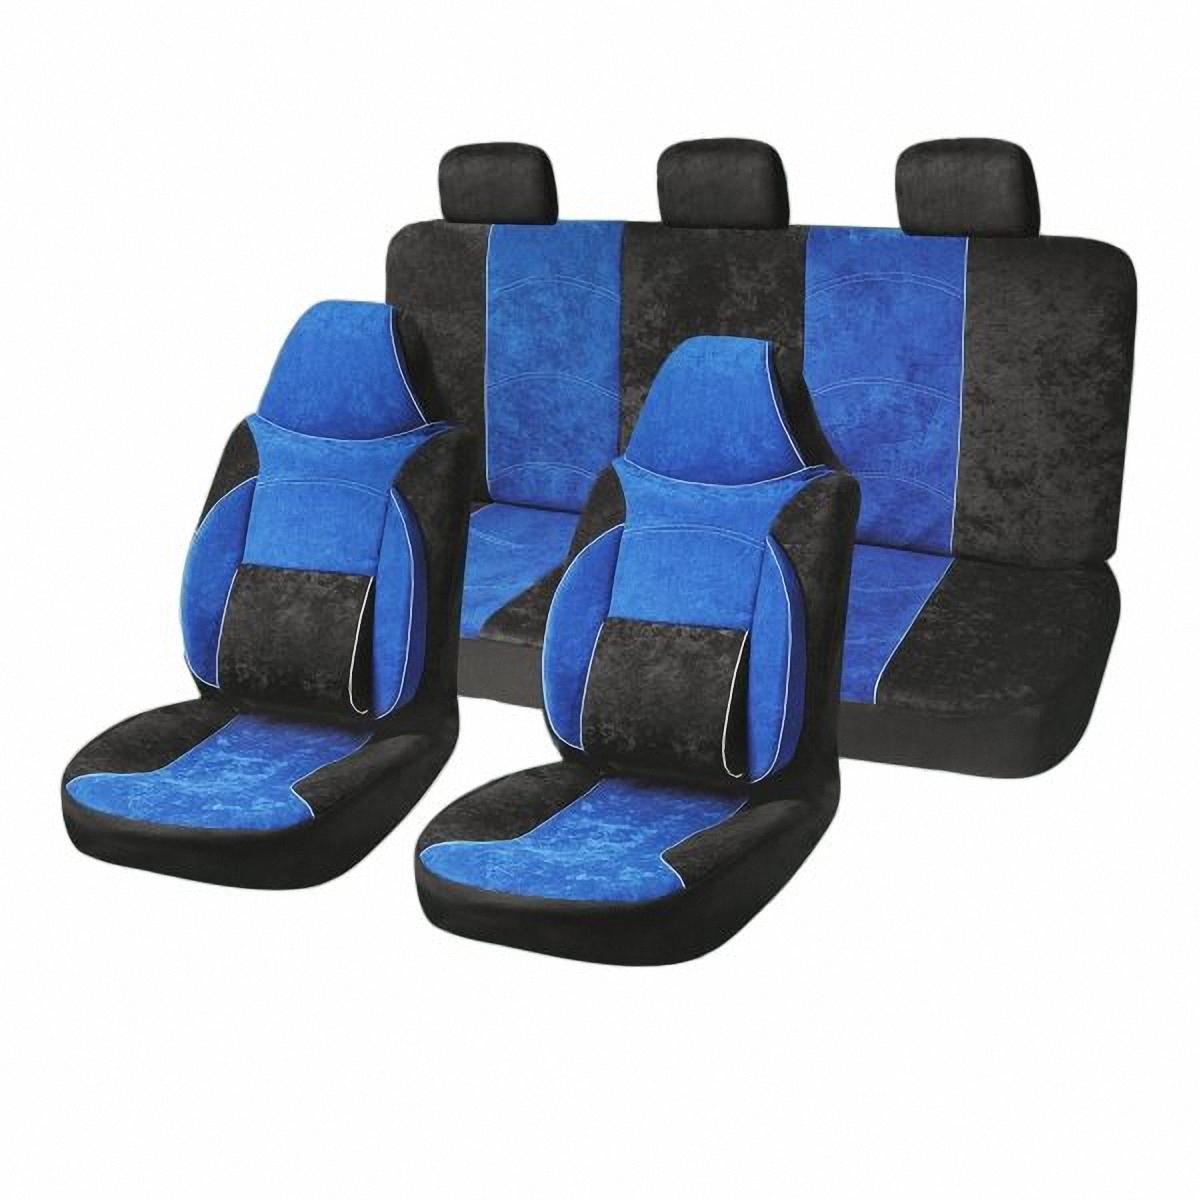 Чехлы автомобильные Skyway. S01301034S01301034Комплект классических универсальных автомобильных чехлов Skyway S01301034 изготовлен из велюра. Чехлы защитят обивку сидений от вытирания и выцветания. Благодаря структуре ткани, обеспечивается улучшенная вентиляция кресел, что позволяет сделать более комфортными долгое пребывание за рулем во время дальней поездки.